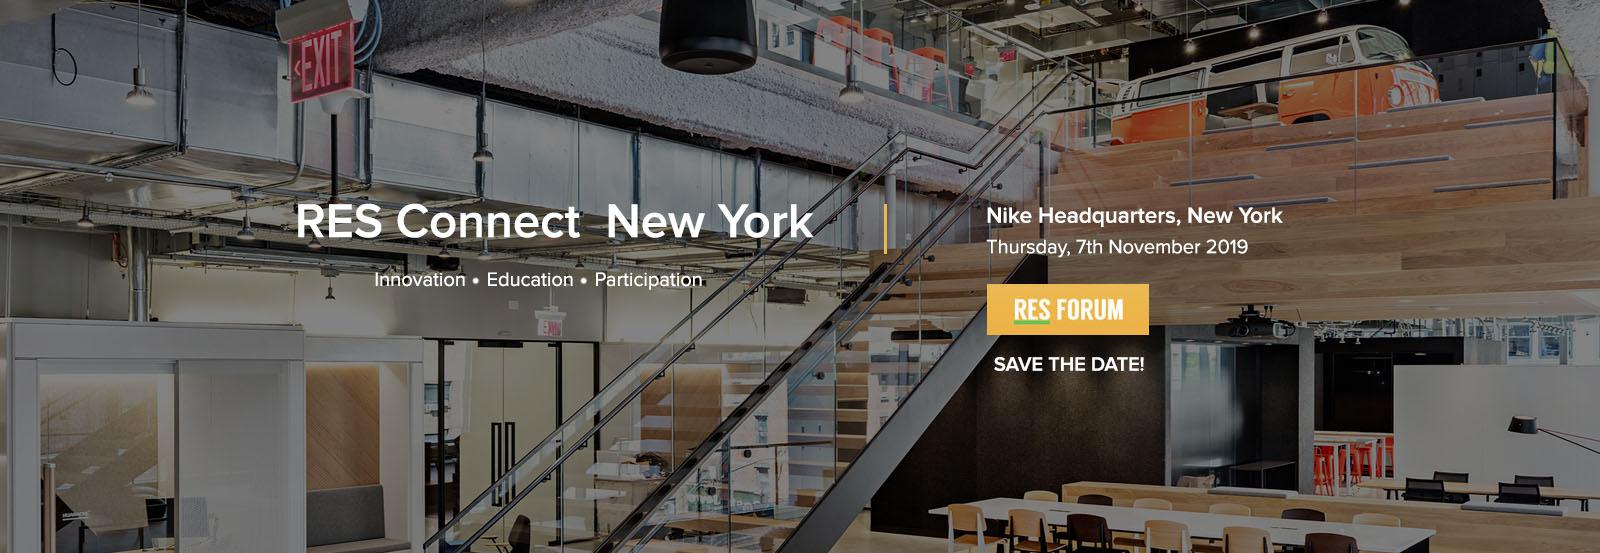 res-banner-newyork